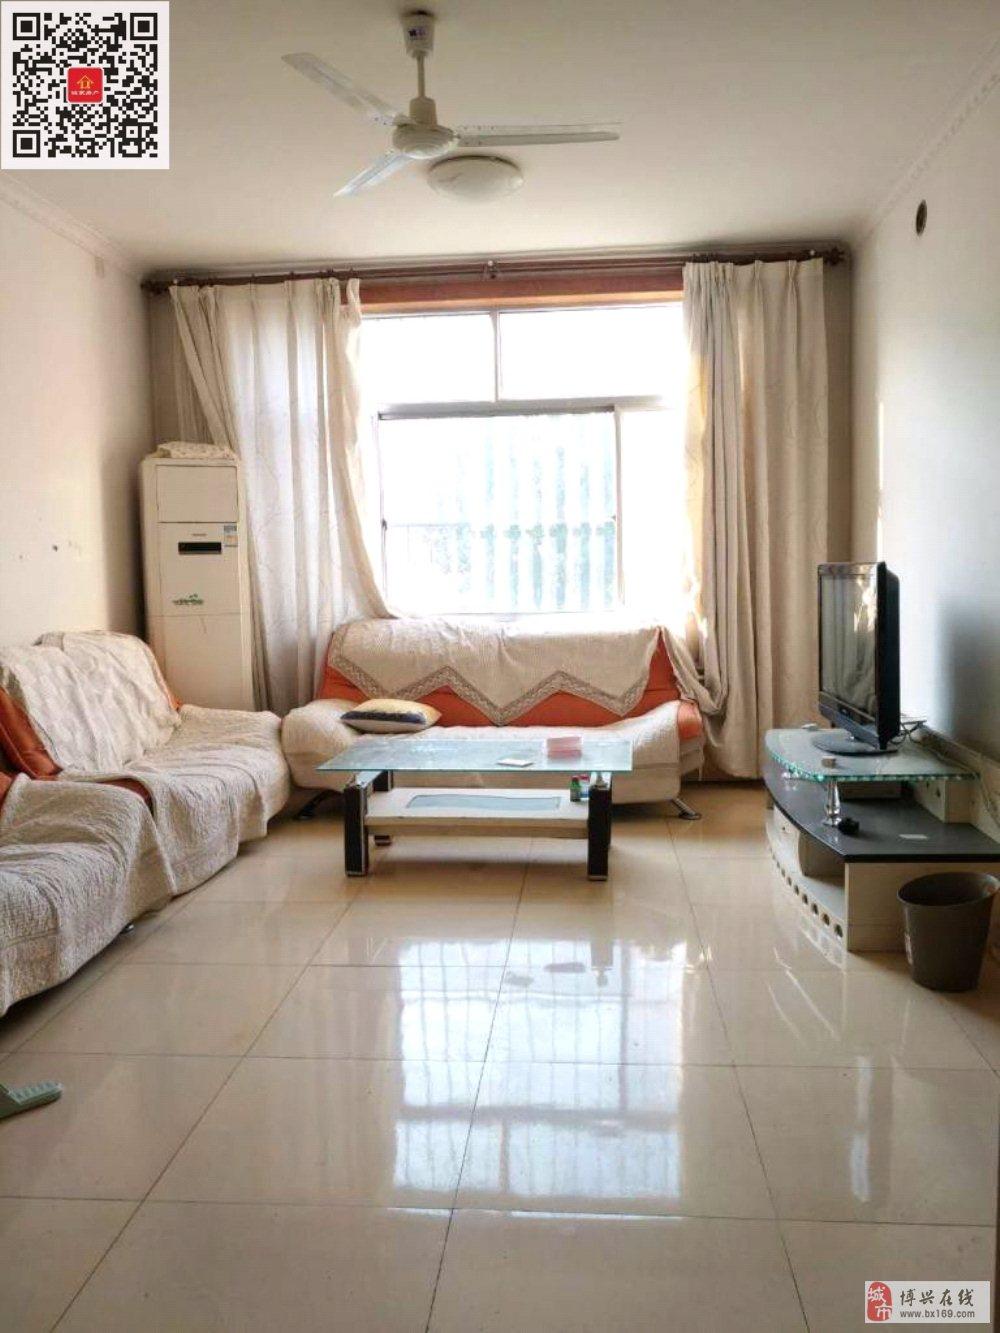 5077天苑小区3室2厅1卫90万元